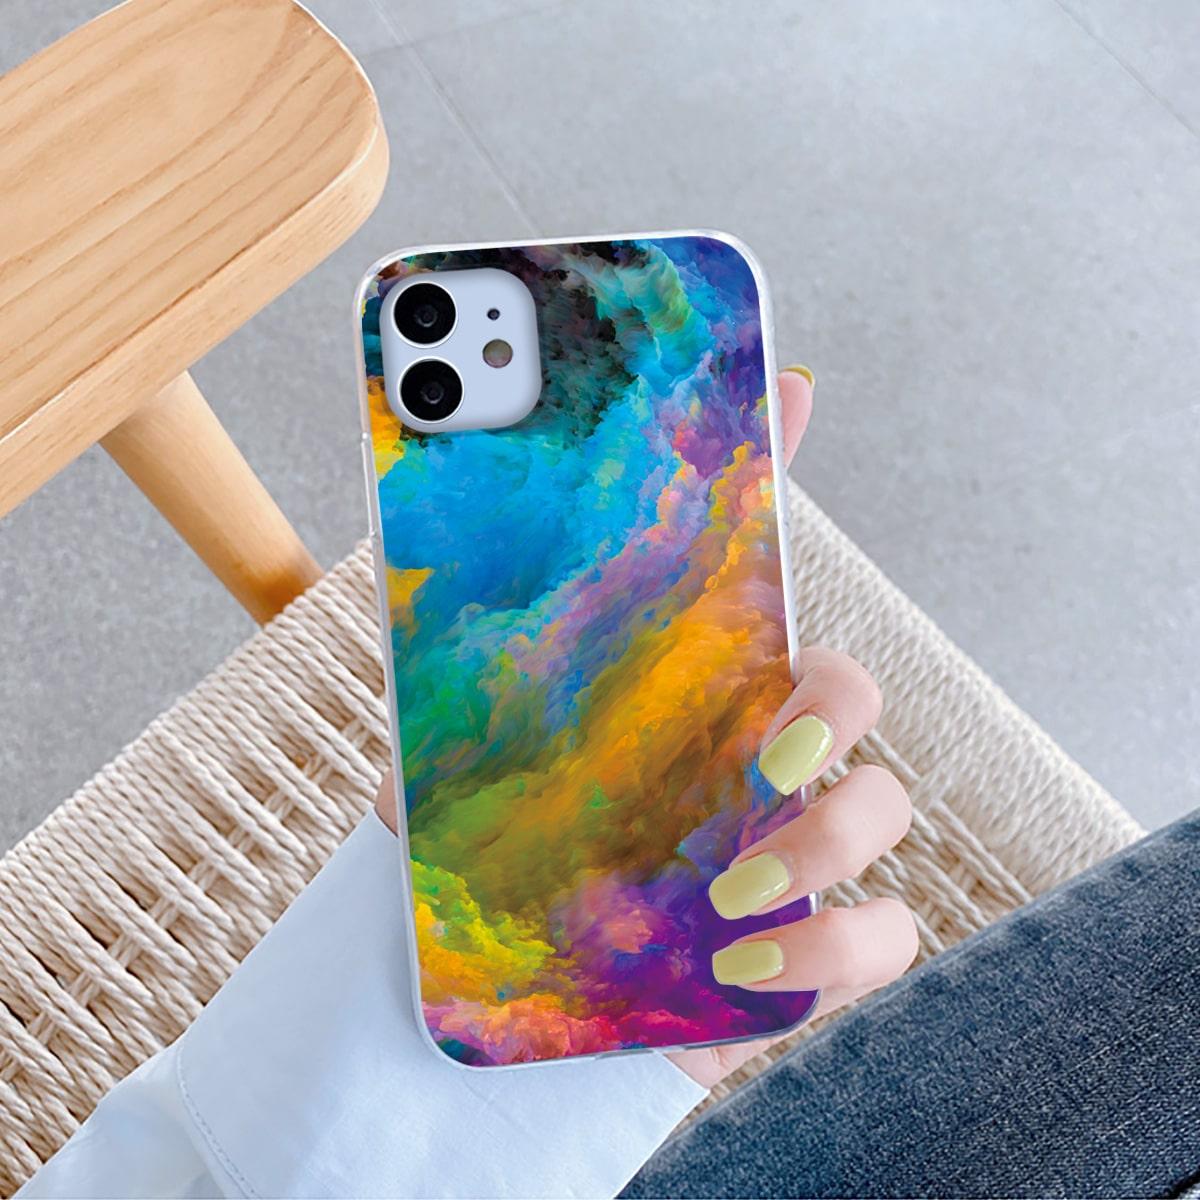 Custodia per telefono nuvola colorata